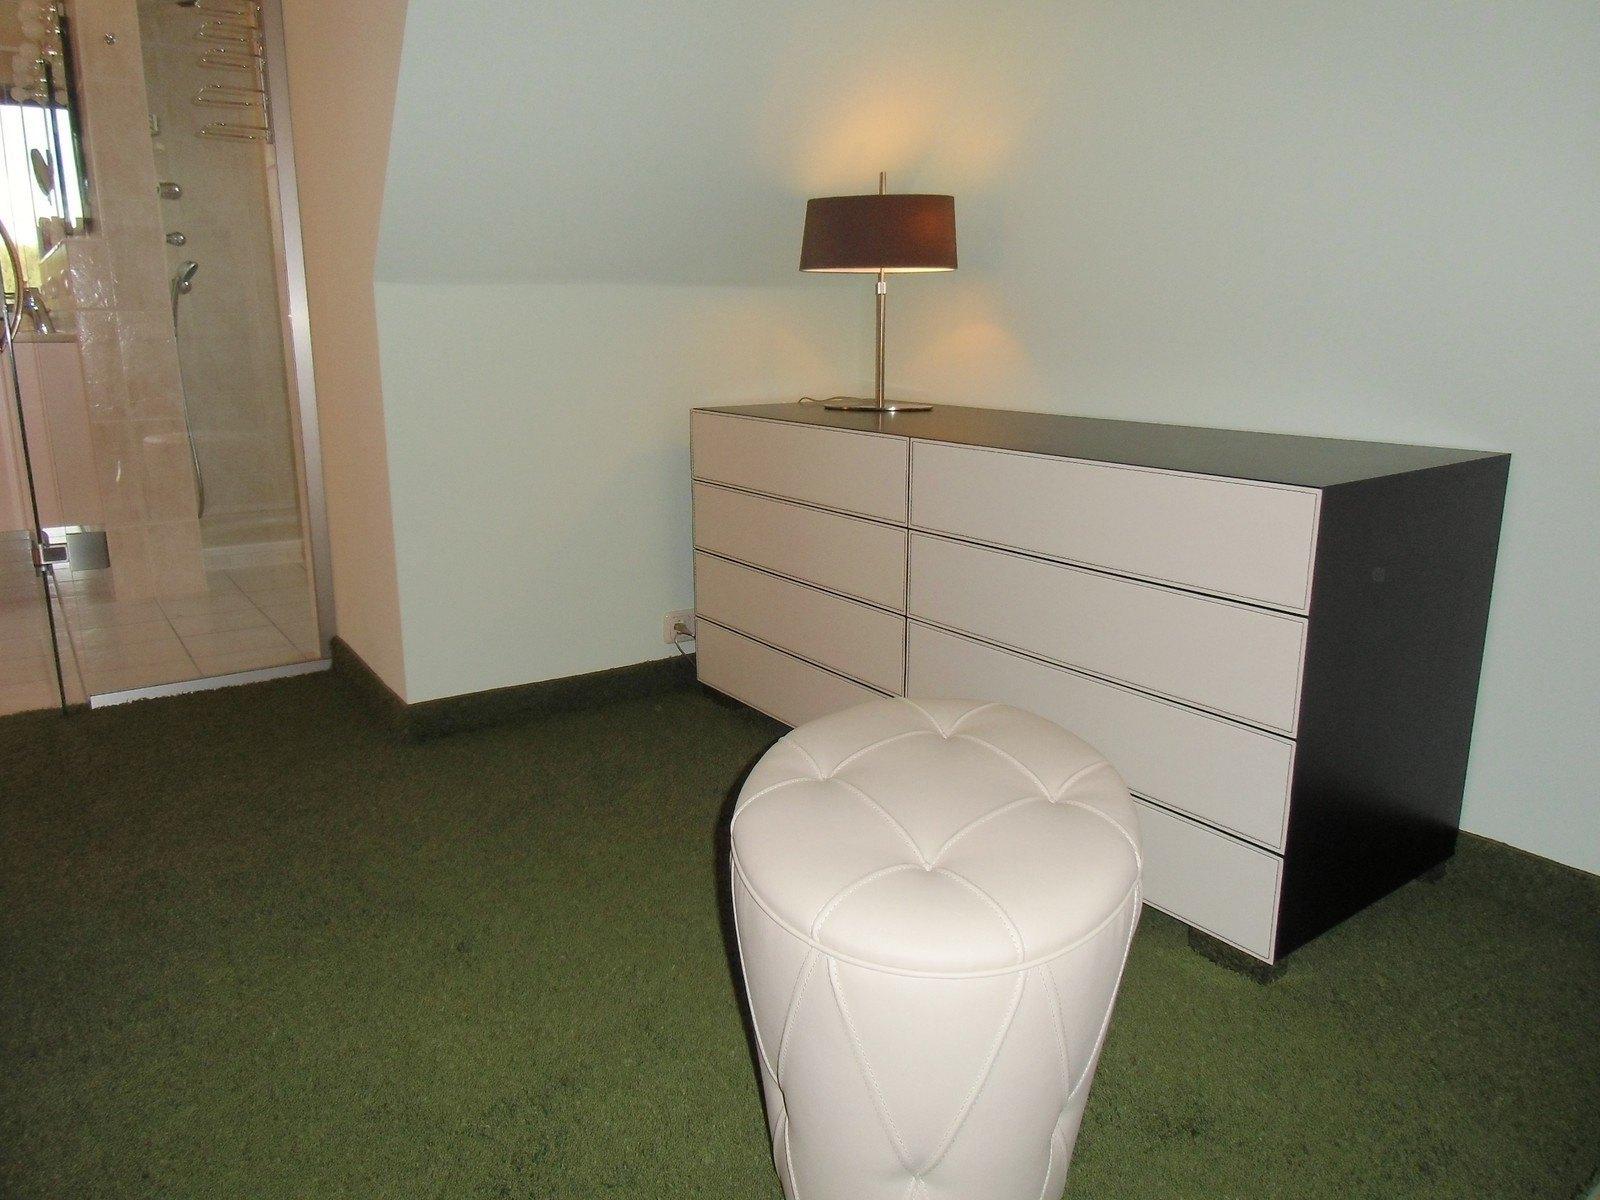 Die Kommode im Ankleidezimmer ist ein edles Modell. Die Fronten der Schubkästen sind aus Kernleder.